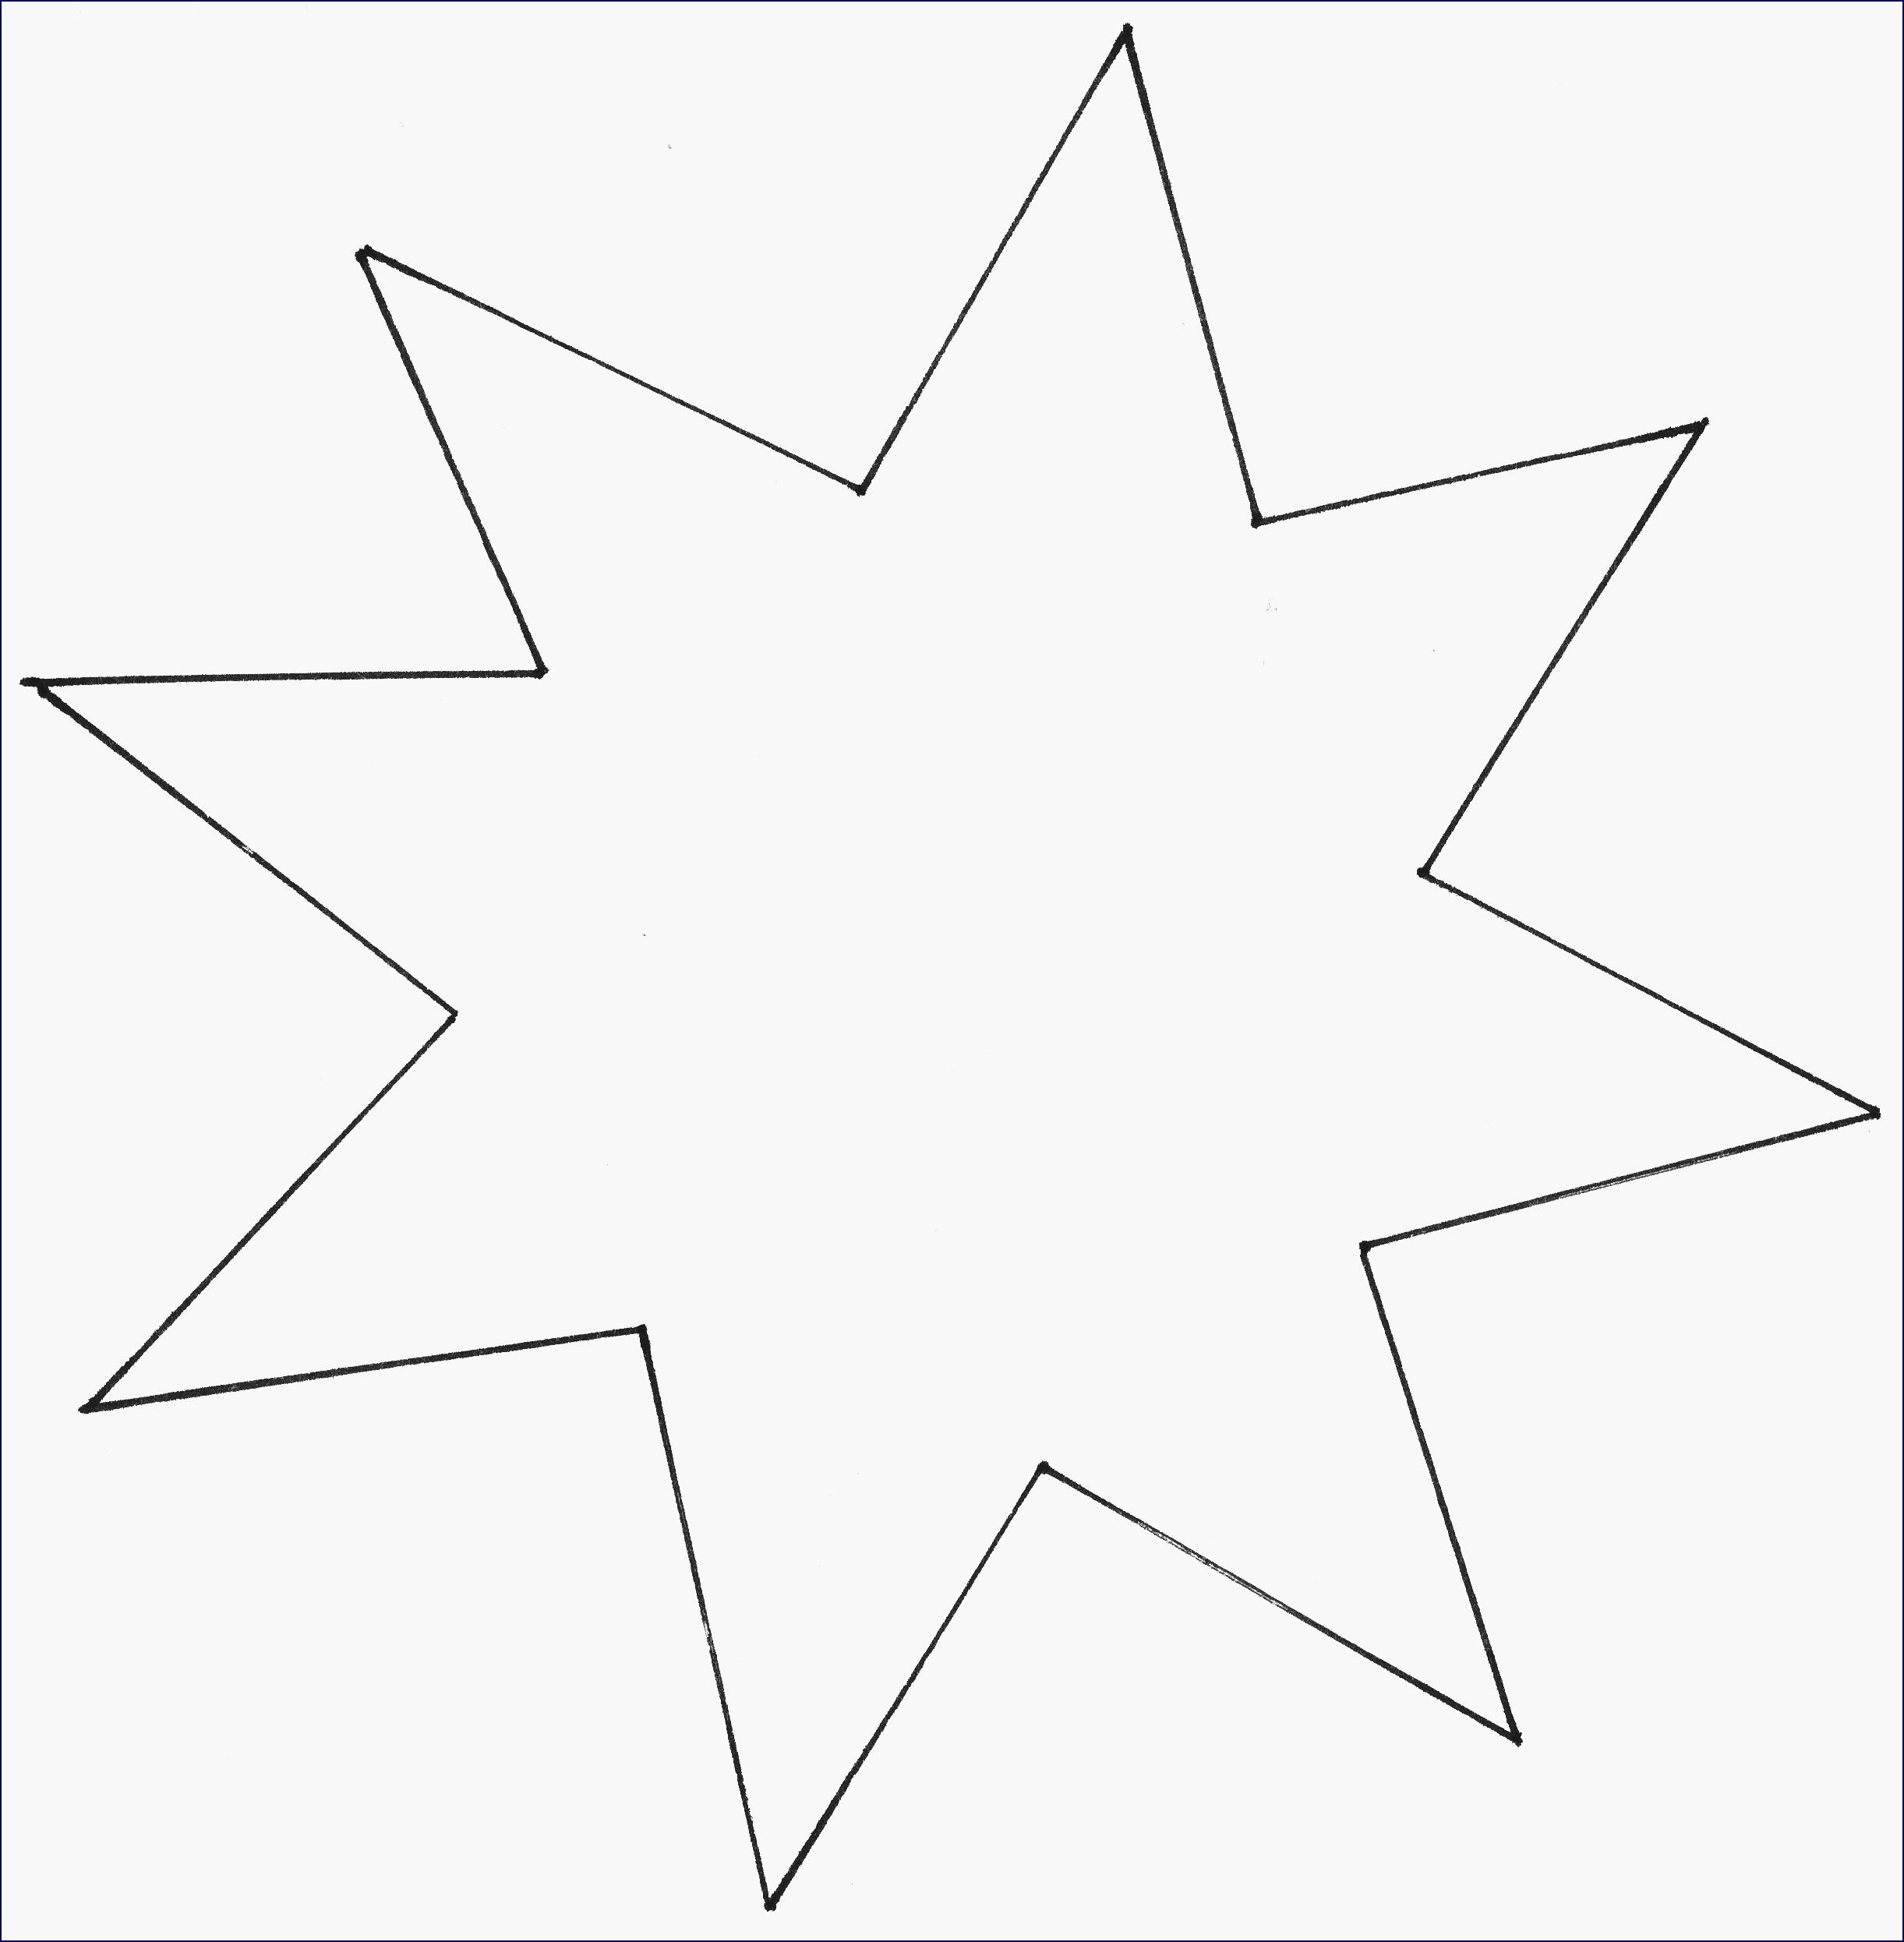 Ausmalbilder Sterne Das Beste Von Vorlage Stern Inspirational Die Erstaunliche Ausmalbilder Sterne Sammlung